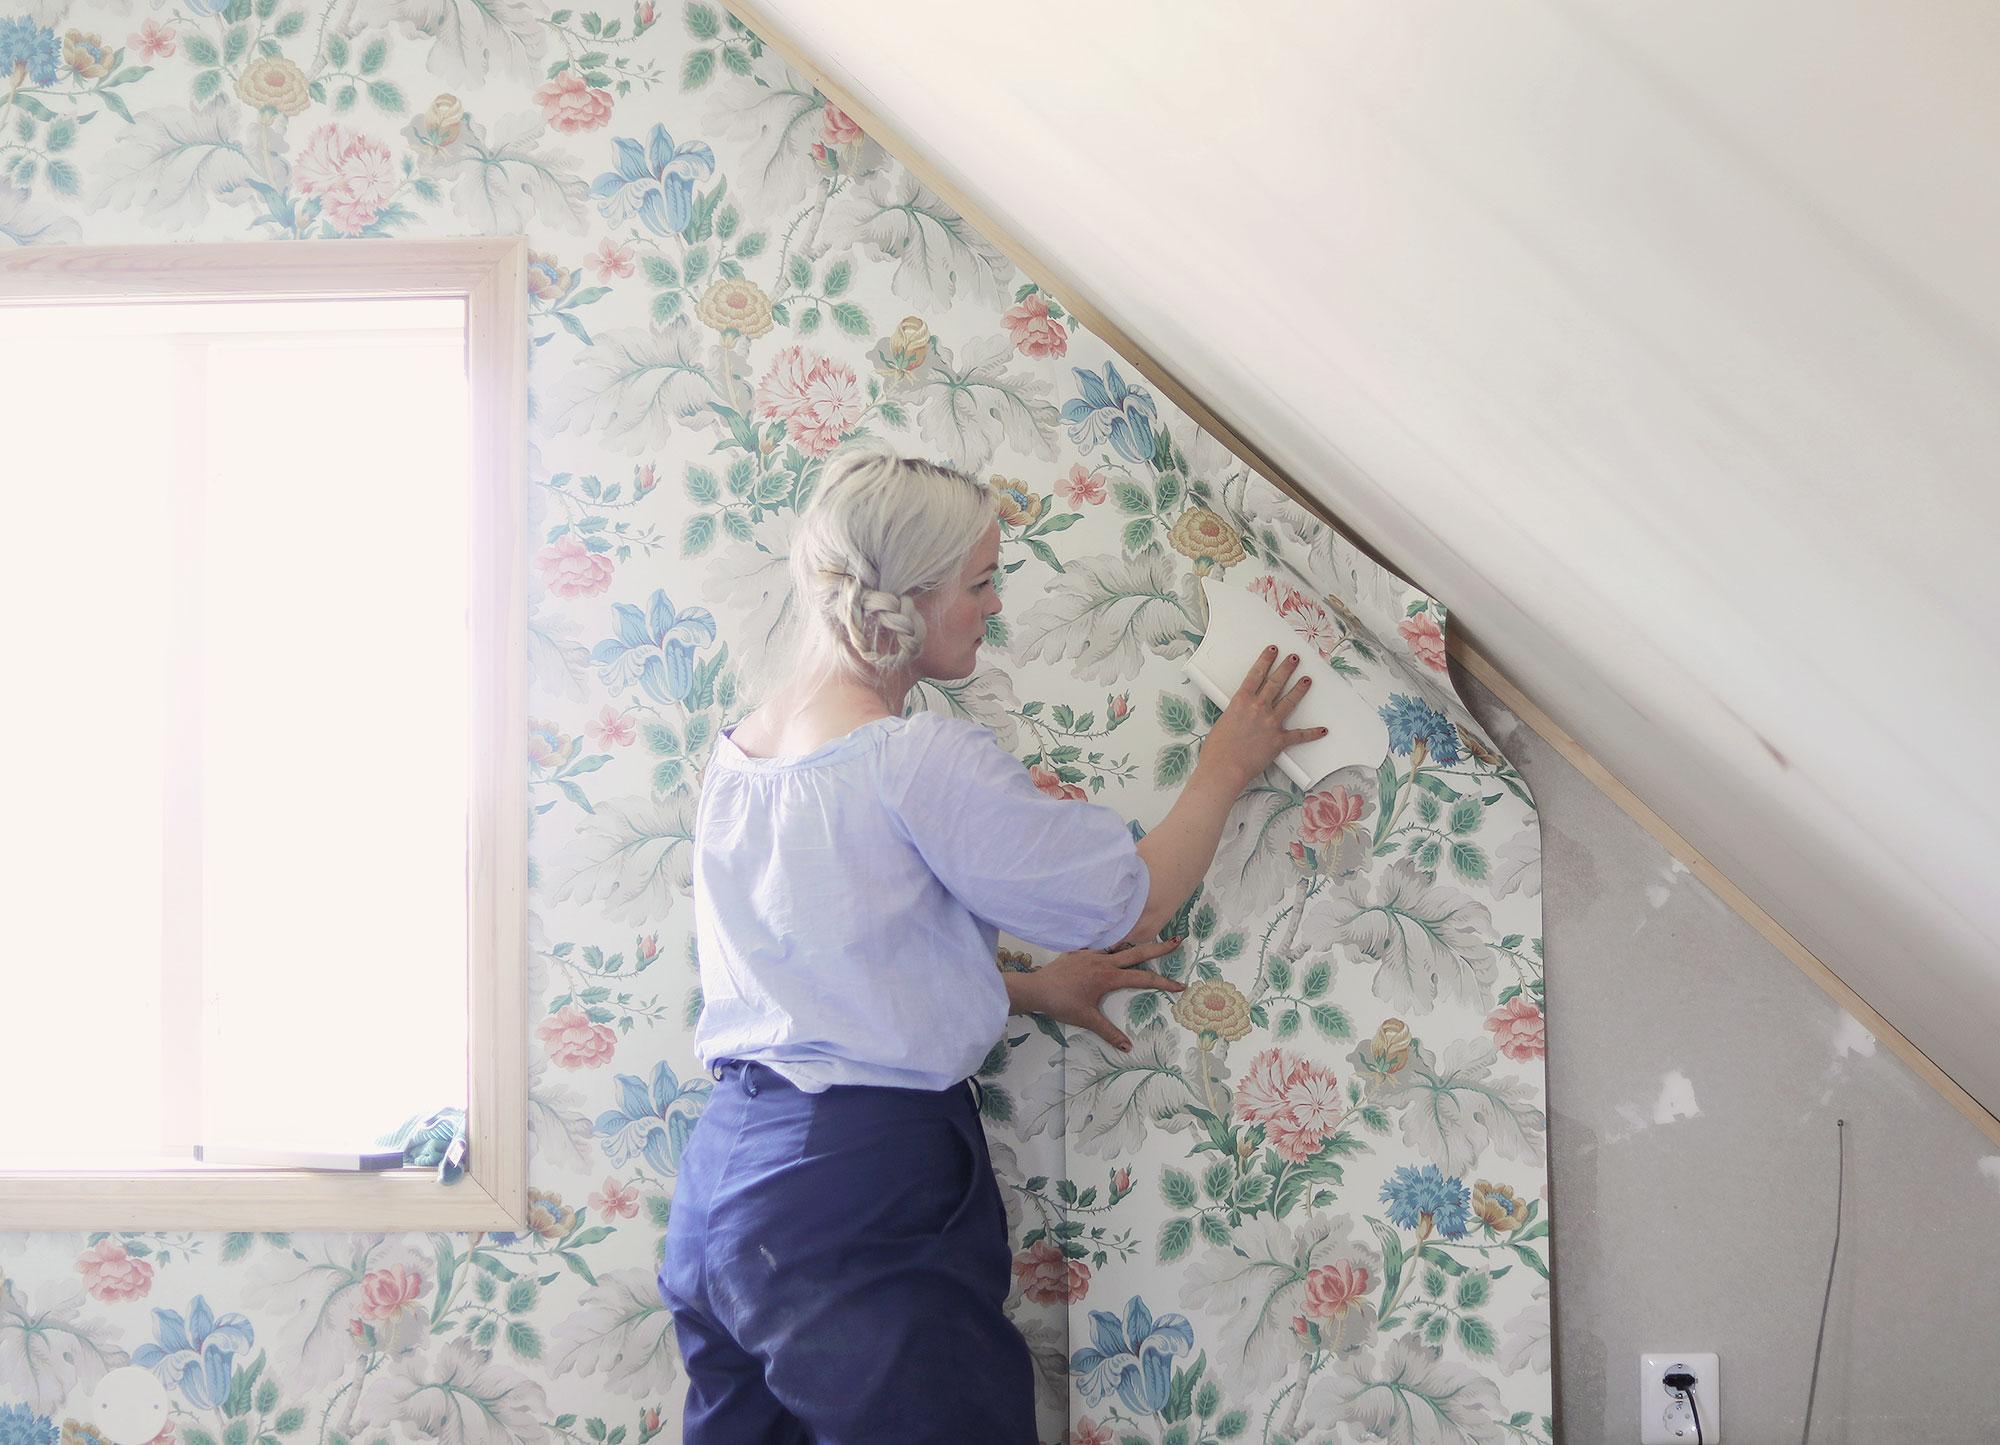 tapet boråstapeter lantligt romantiskt blommiga tapeter emmasvintage Gotland